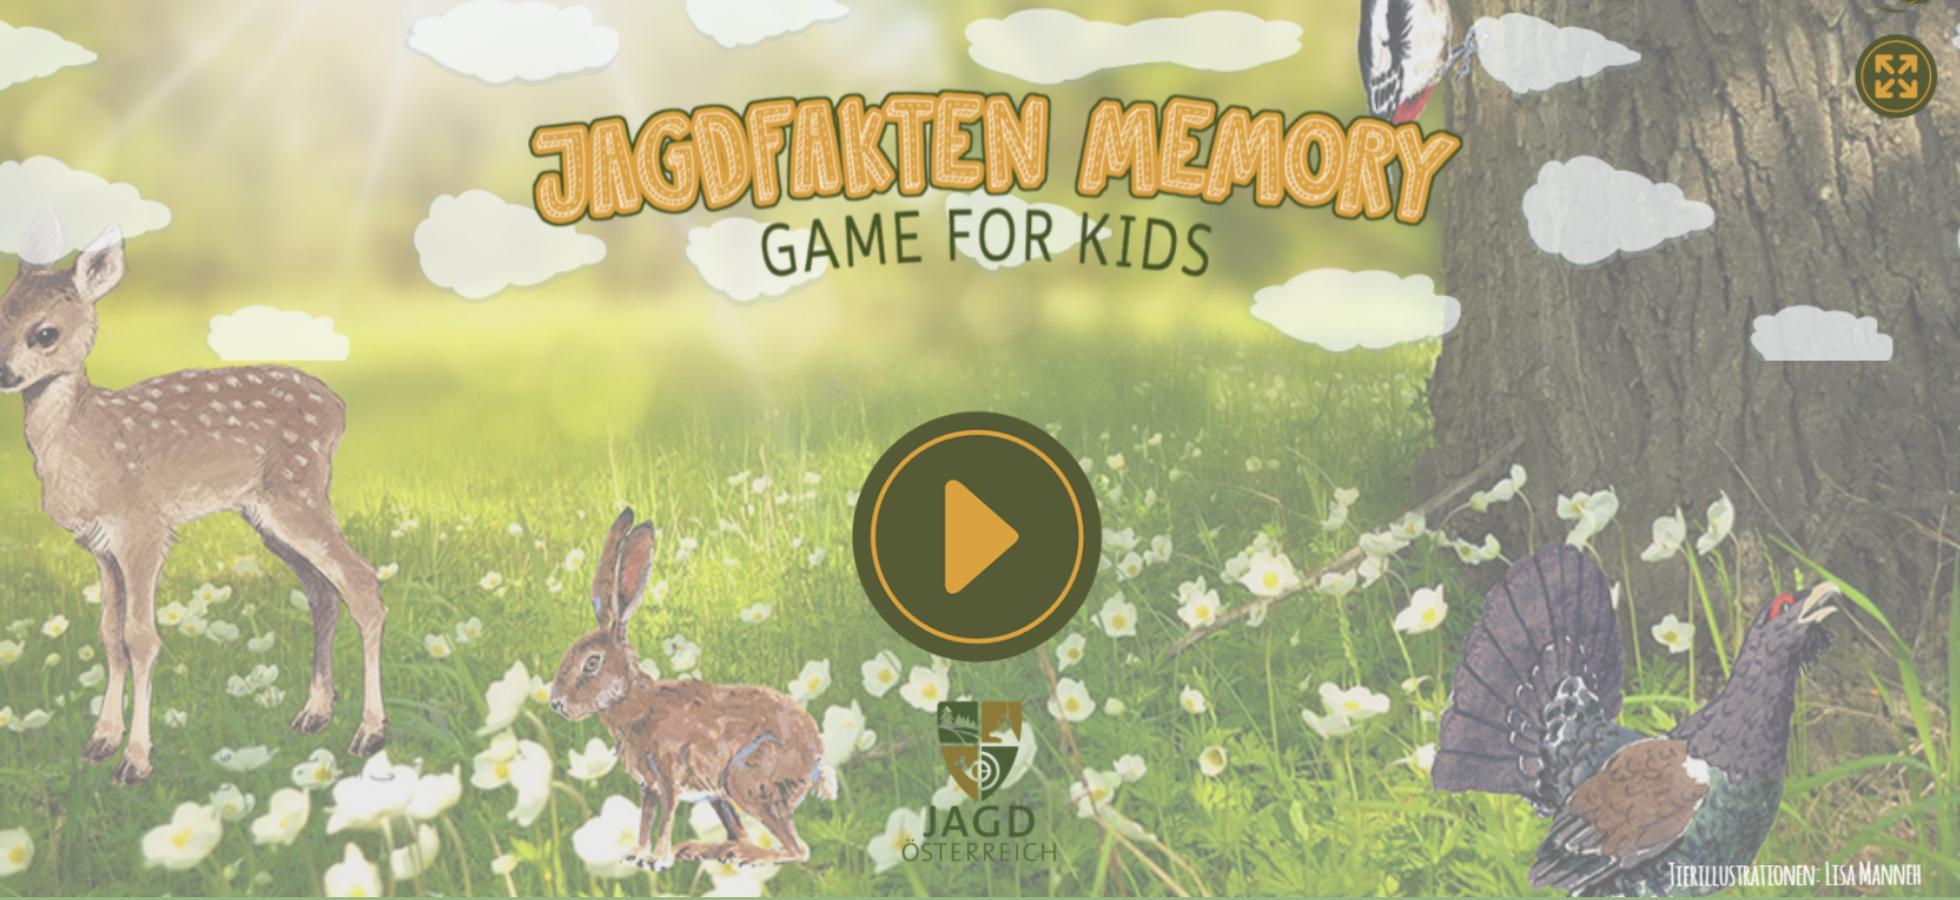 Memory Spiel, Jagdfakten.at